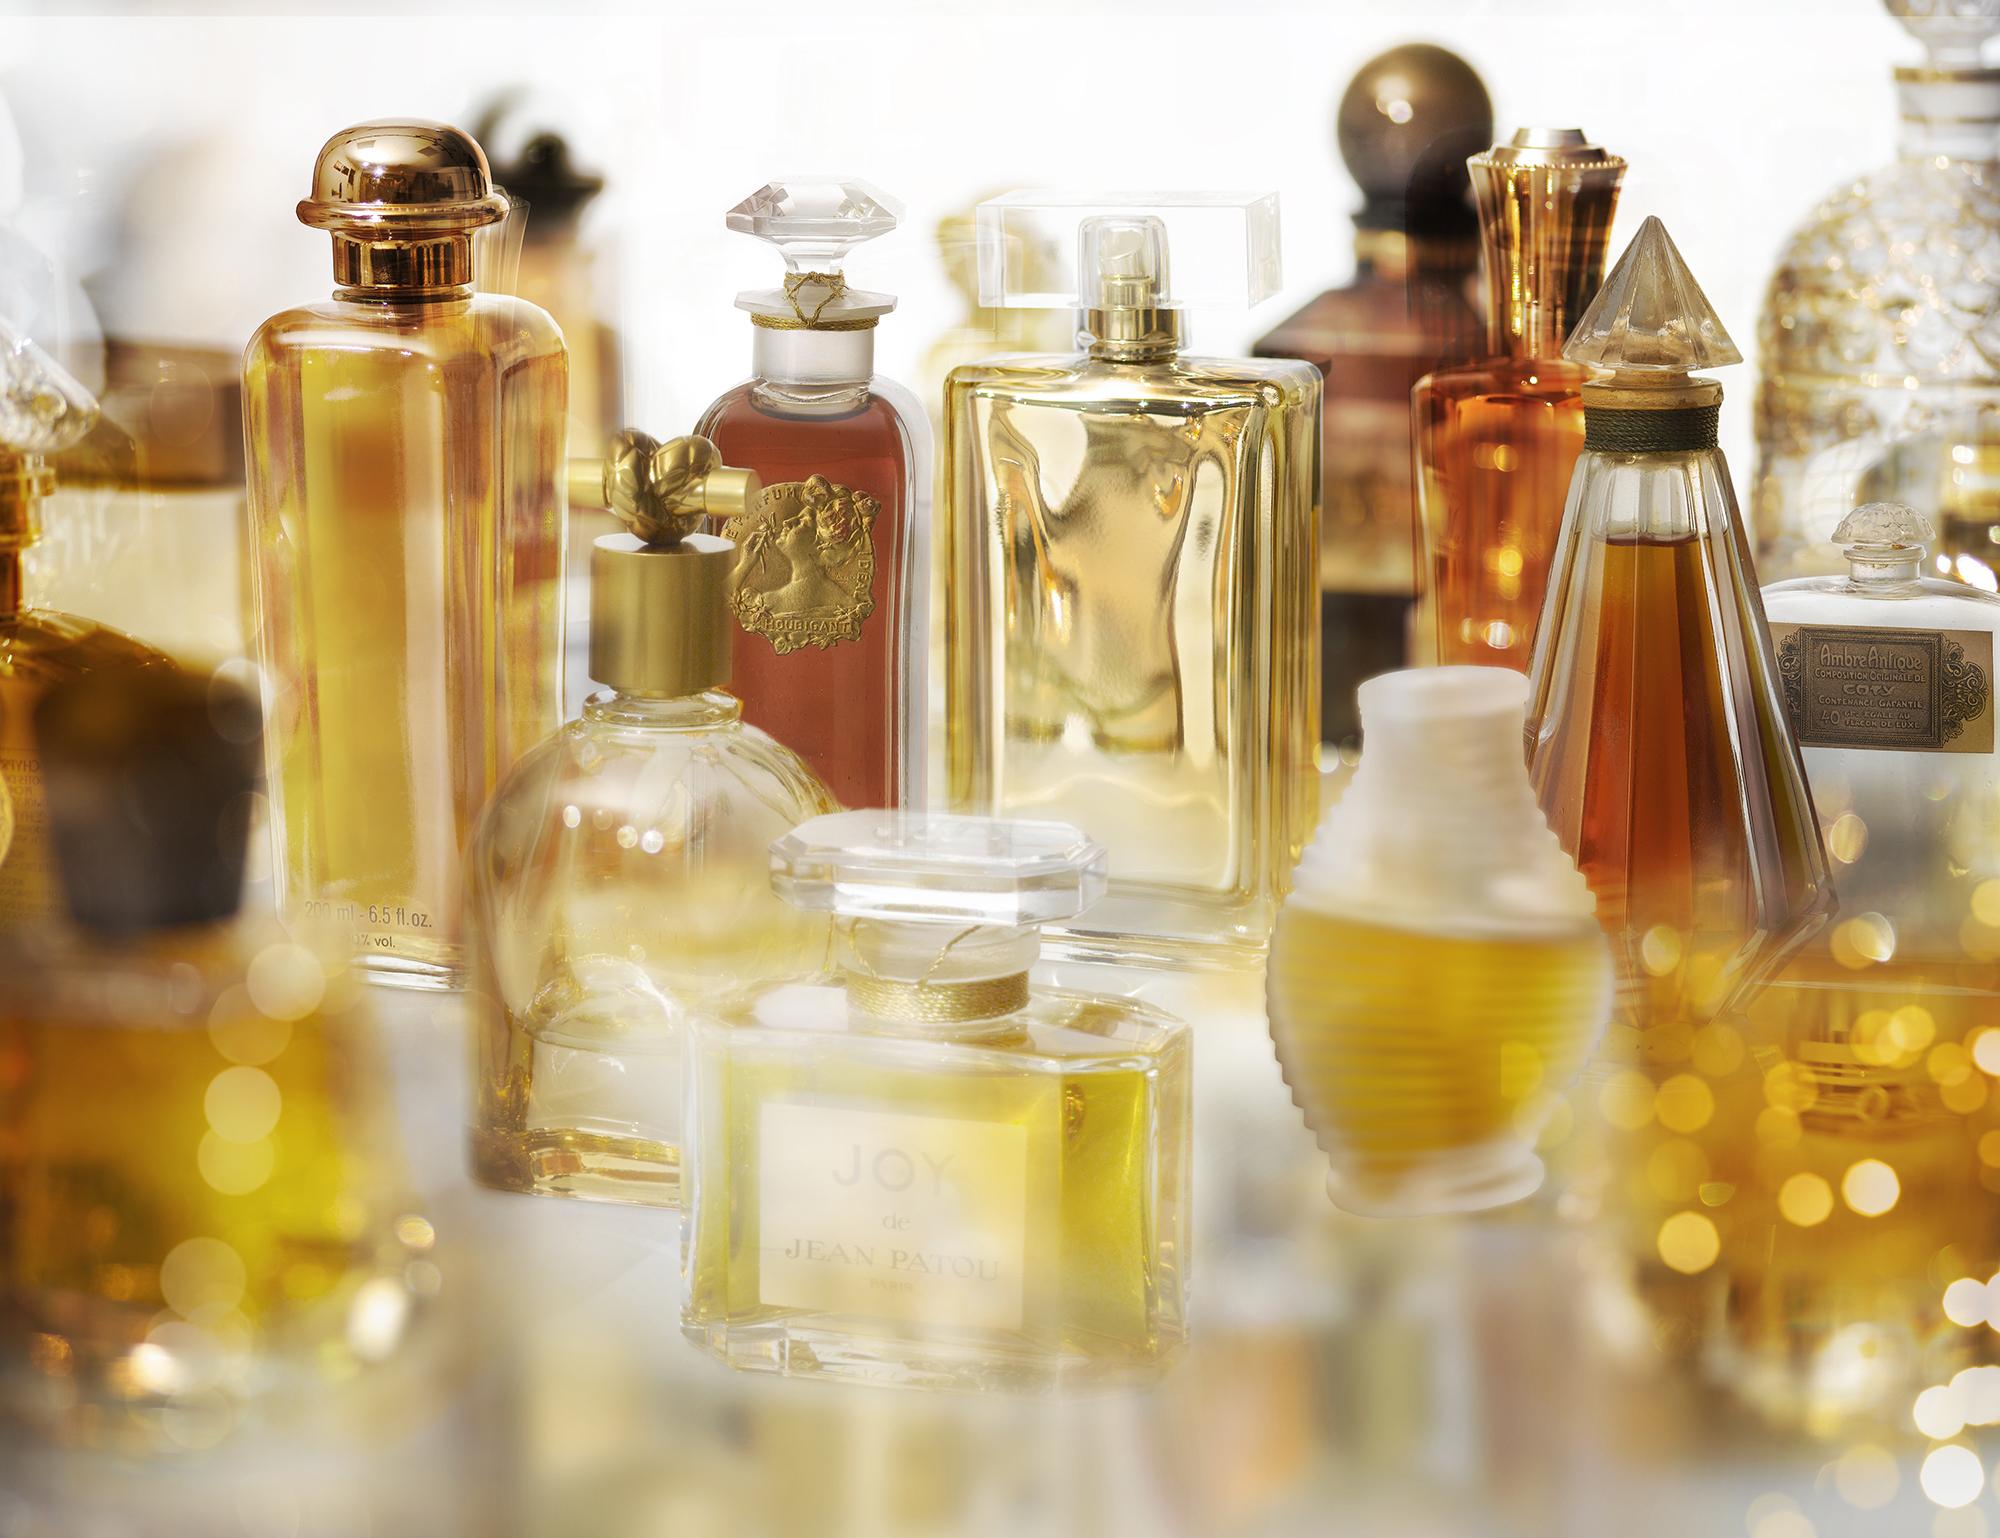 Das Auge riecht mit: Düfte aus dem goldenen Zeitalter der Parfumwelt.